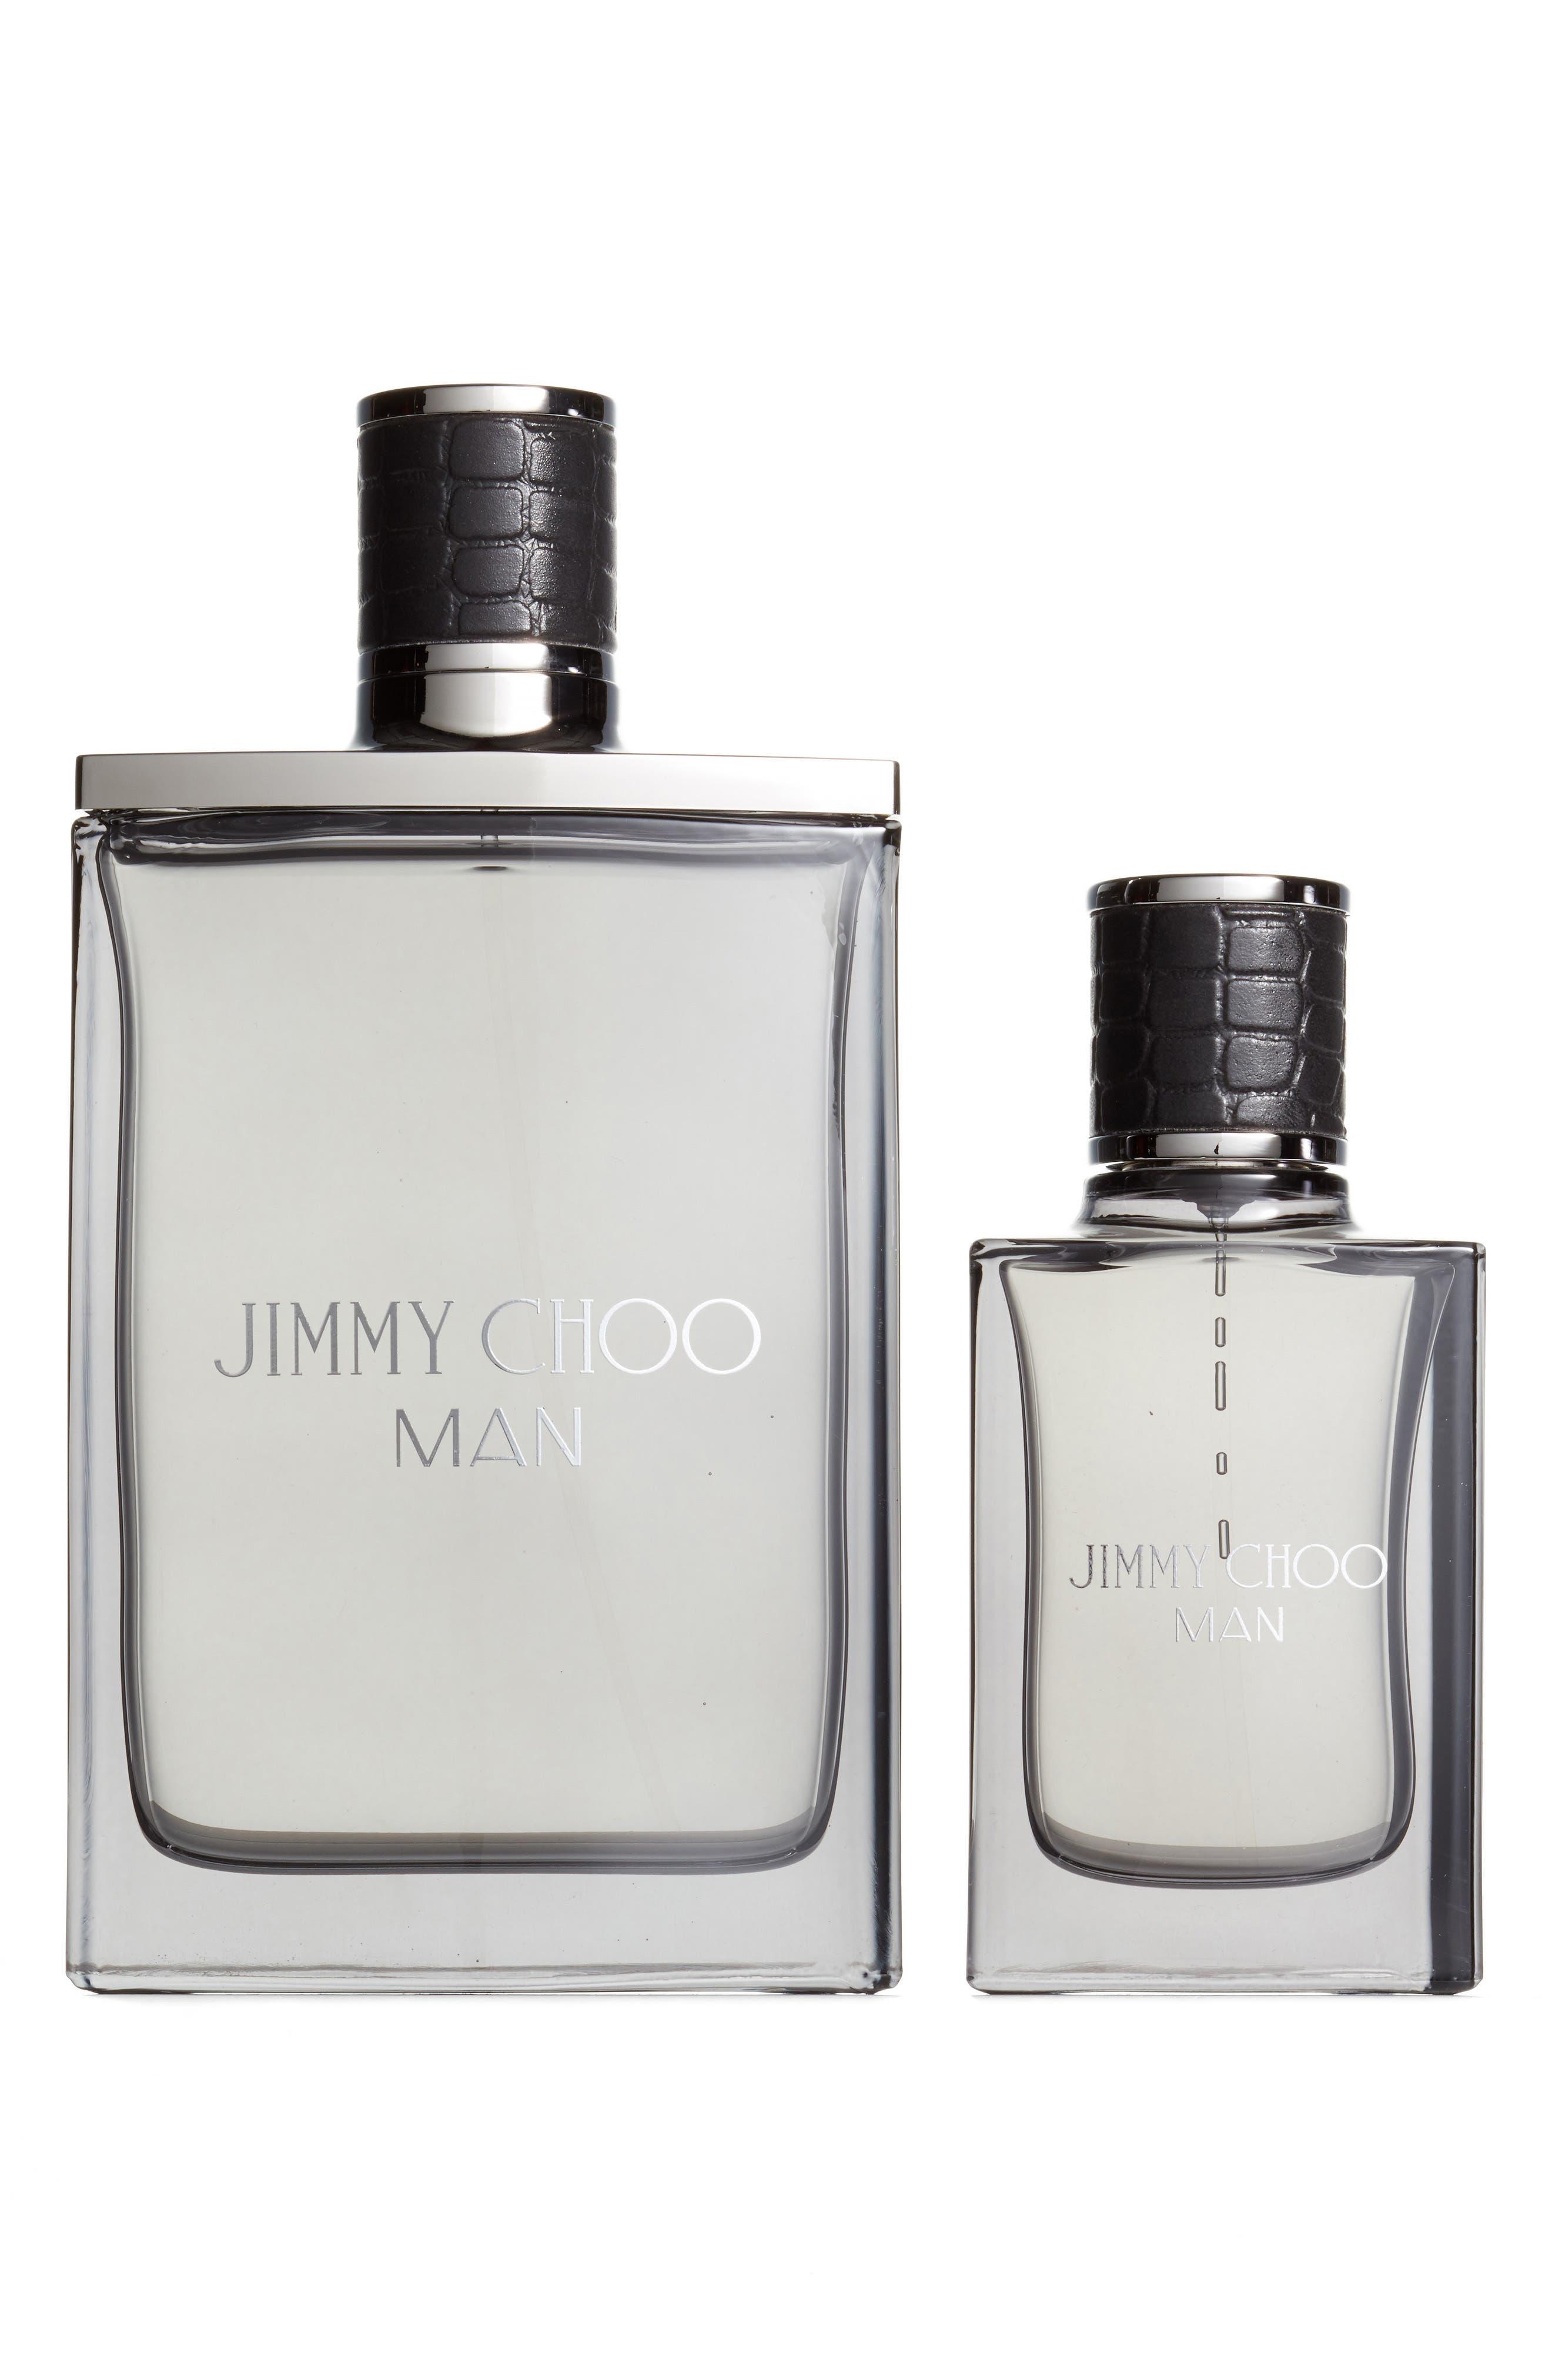 Jimmy Choo Man Eau de Toilette Set ($140 Value)